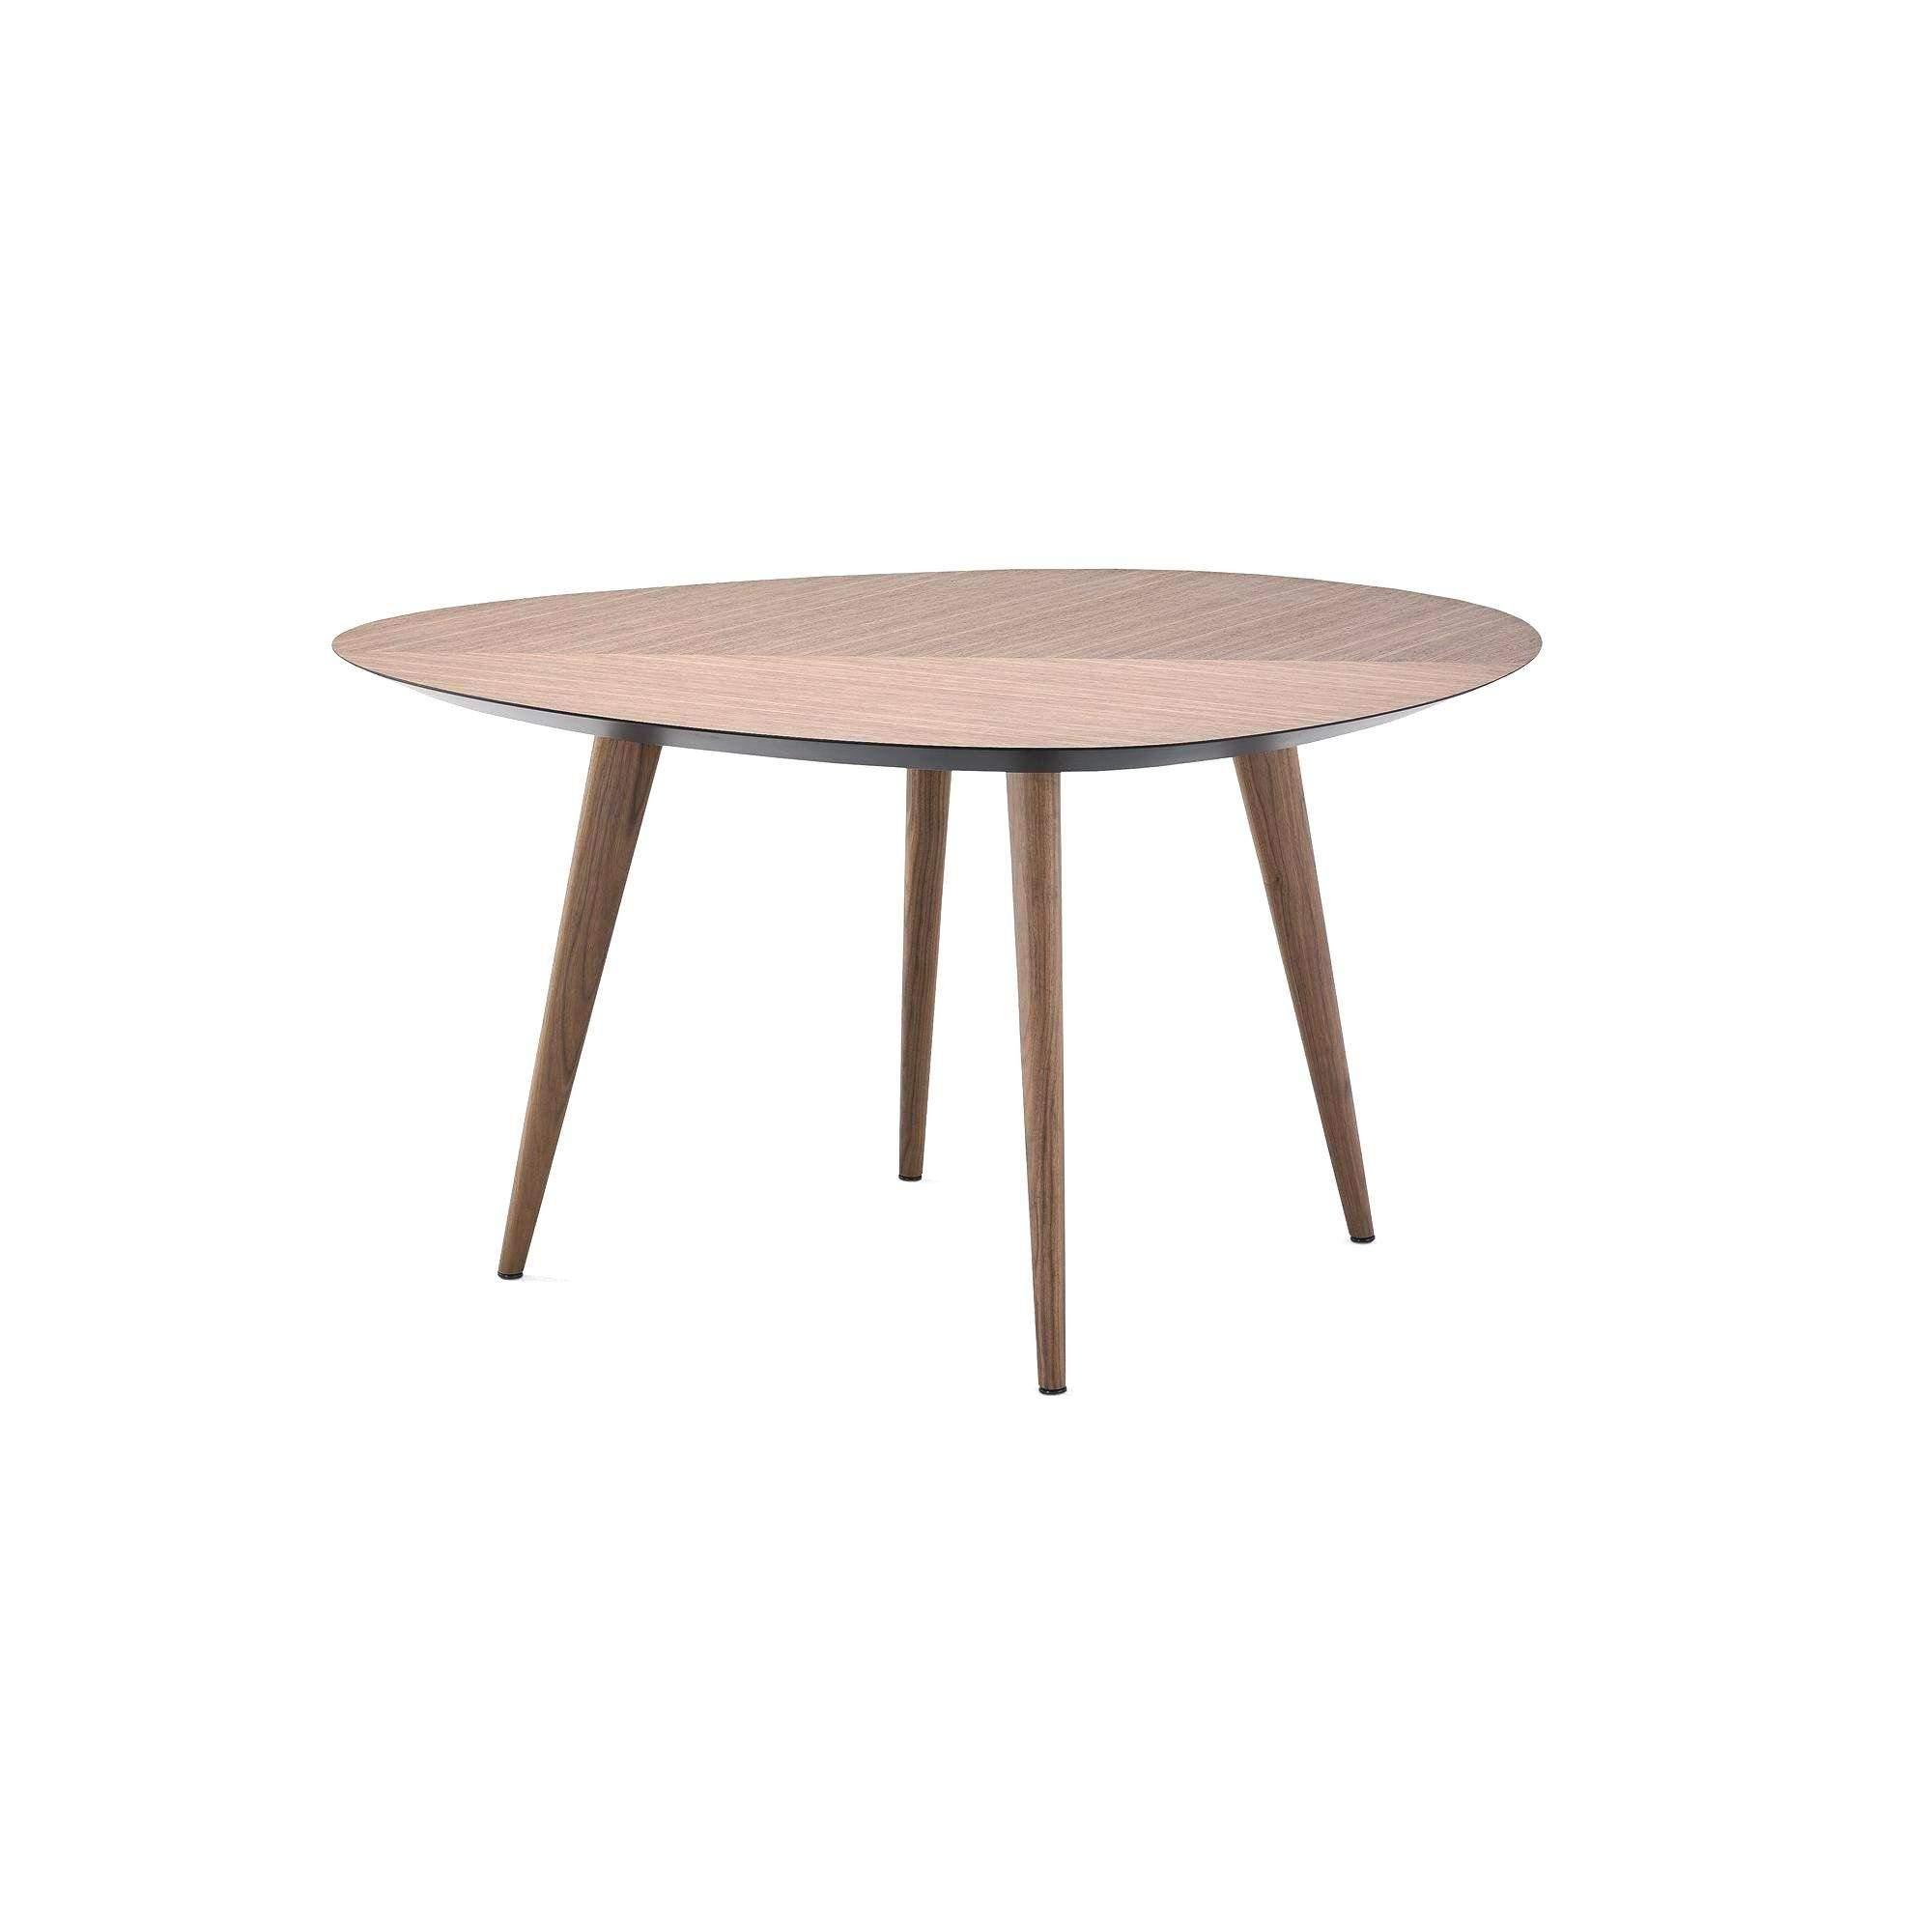 ebay tisch und stuehle gebraucht luxus 32 ebay esstisch ausziehbar planen wohntraeume verwirklichen frisch